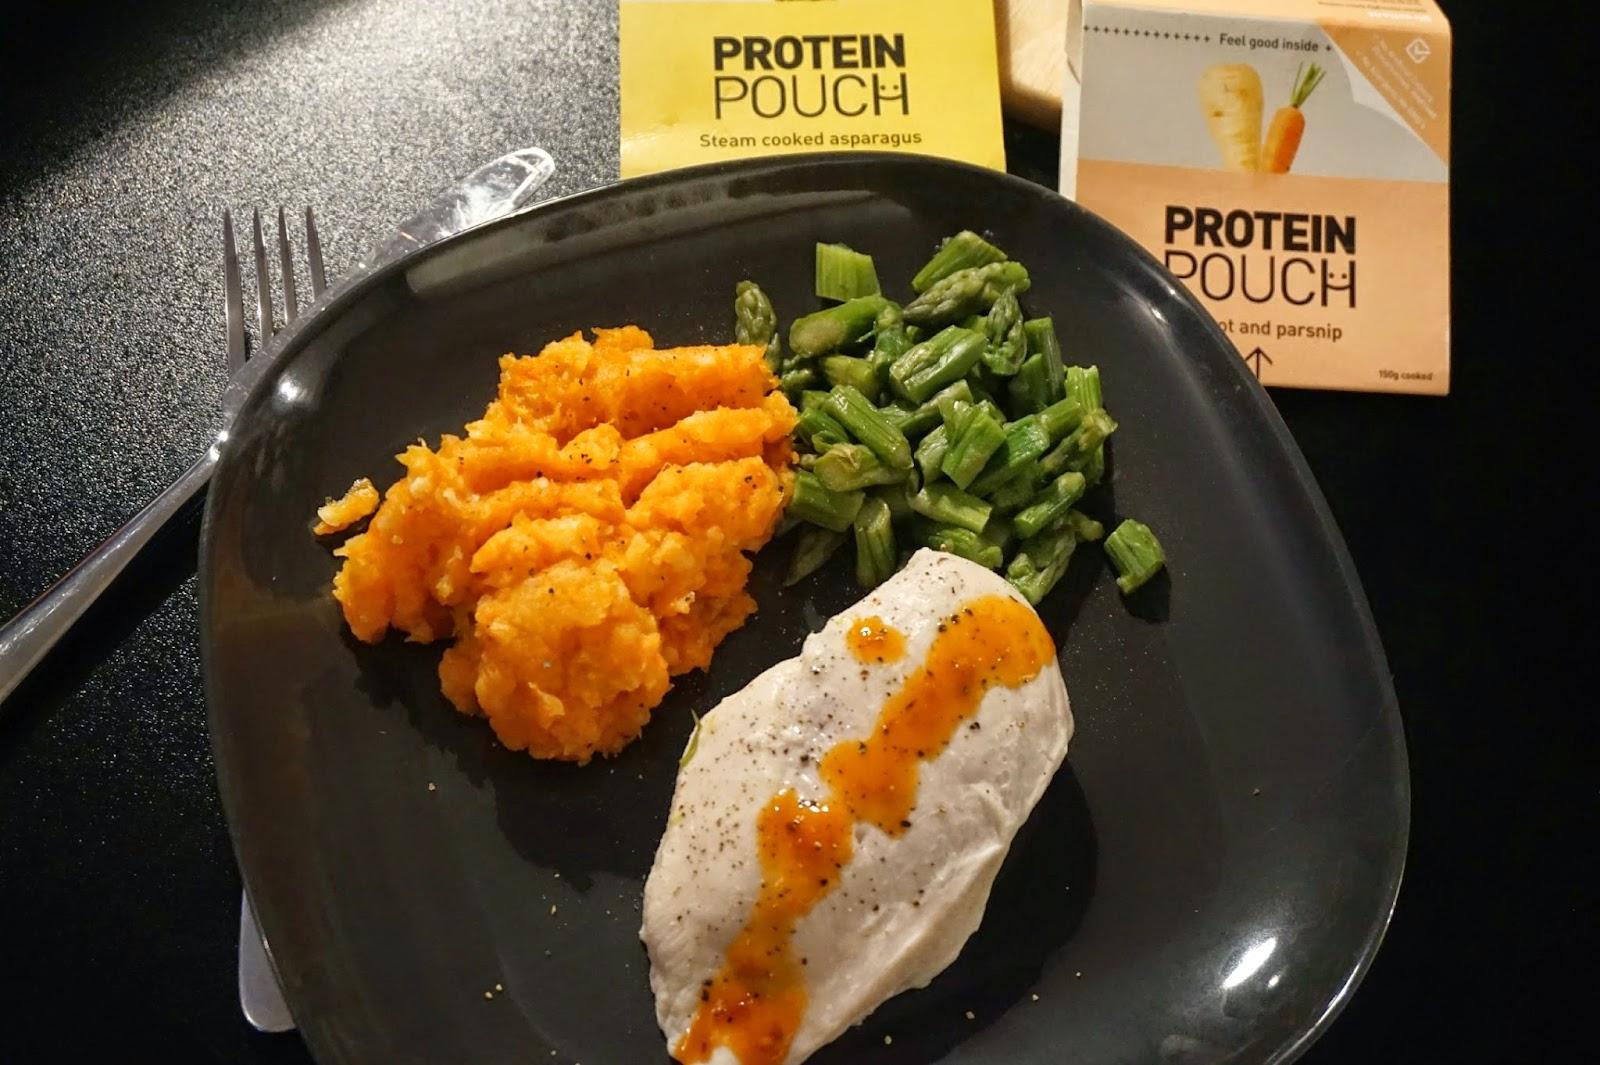 Protein Pouch Chicken